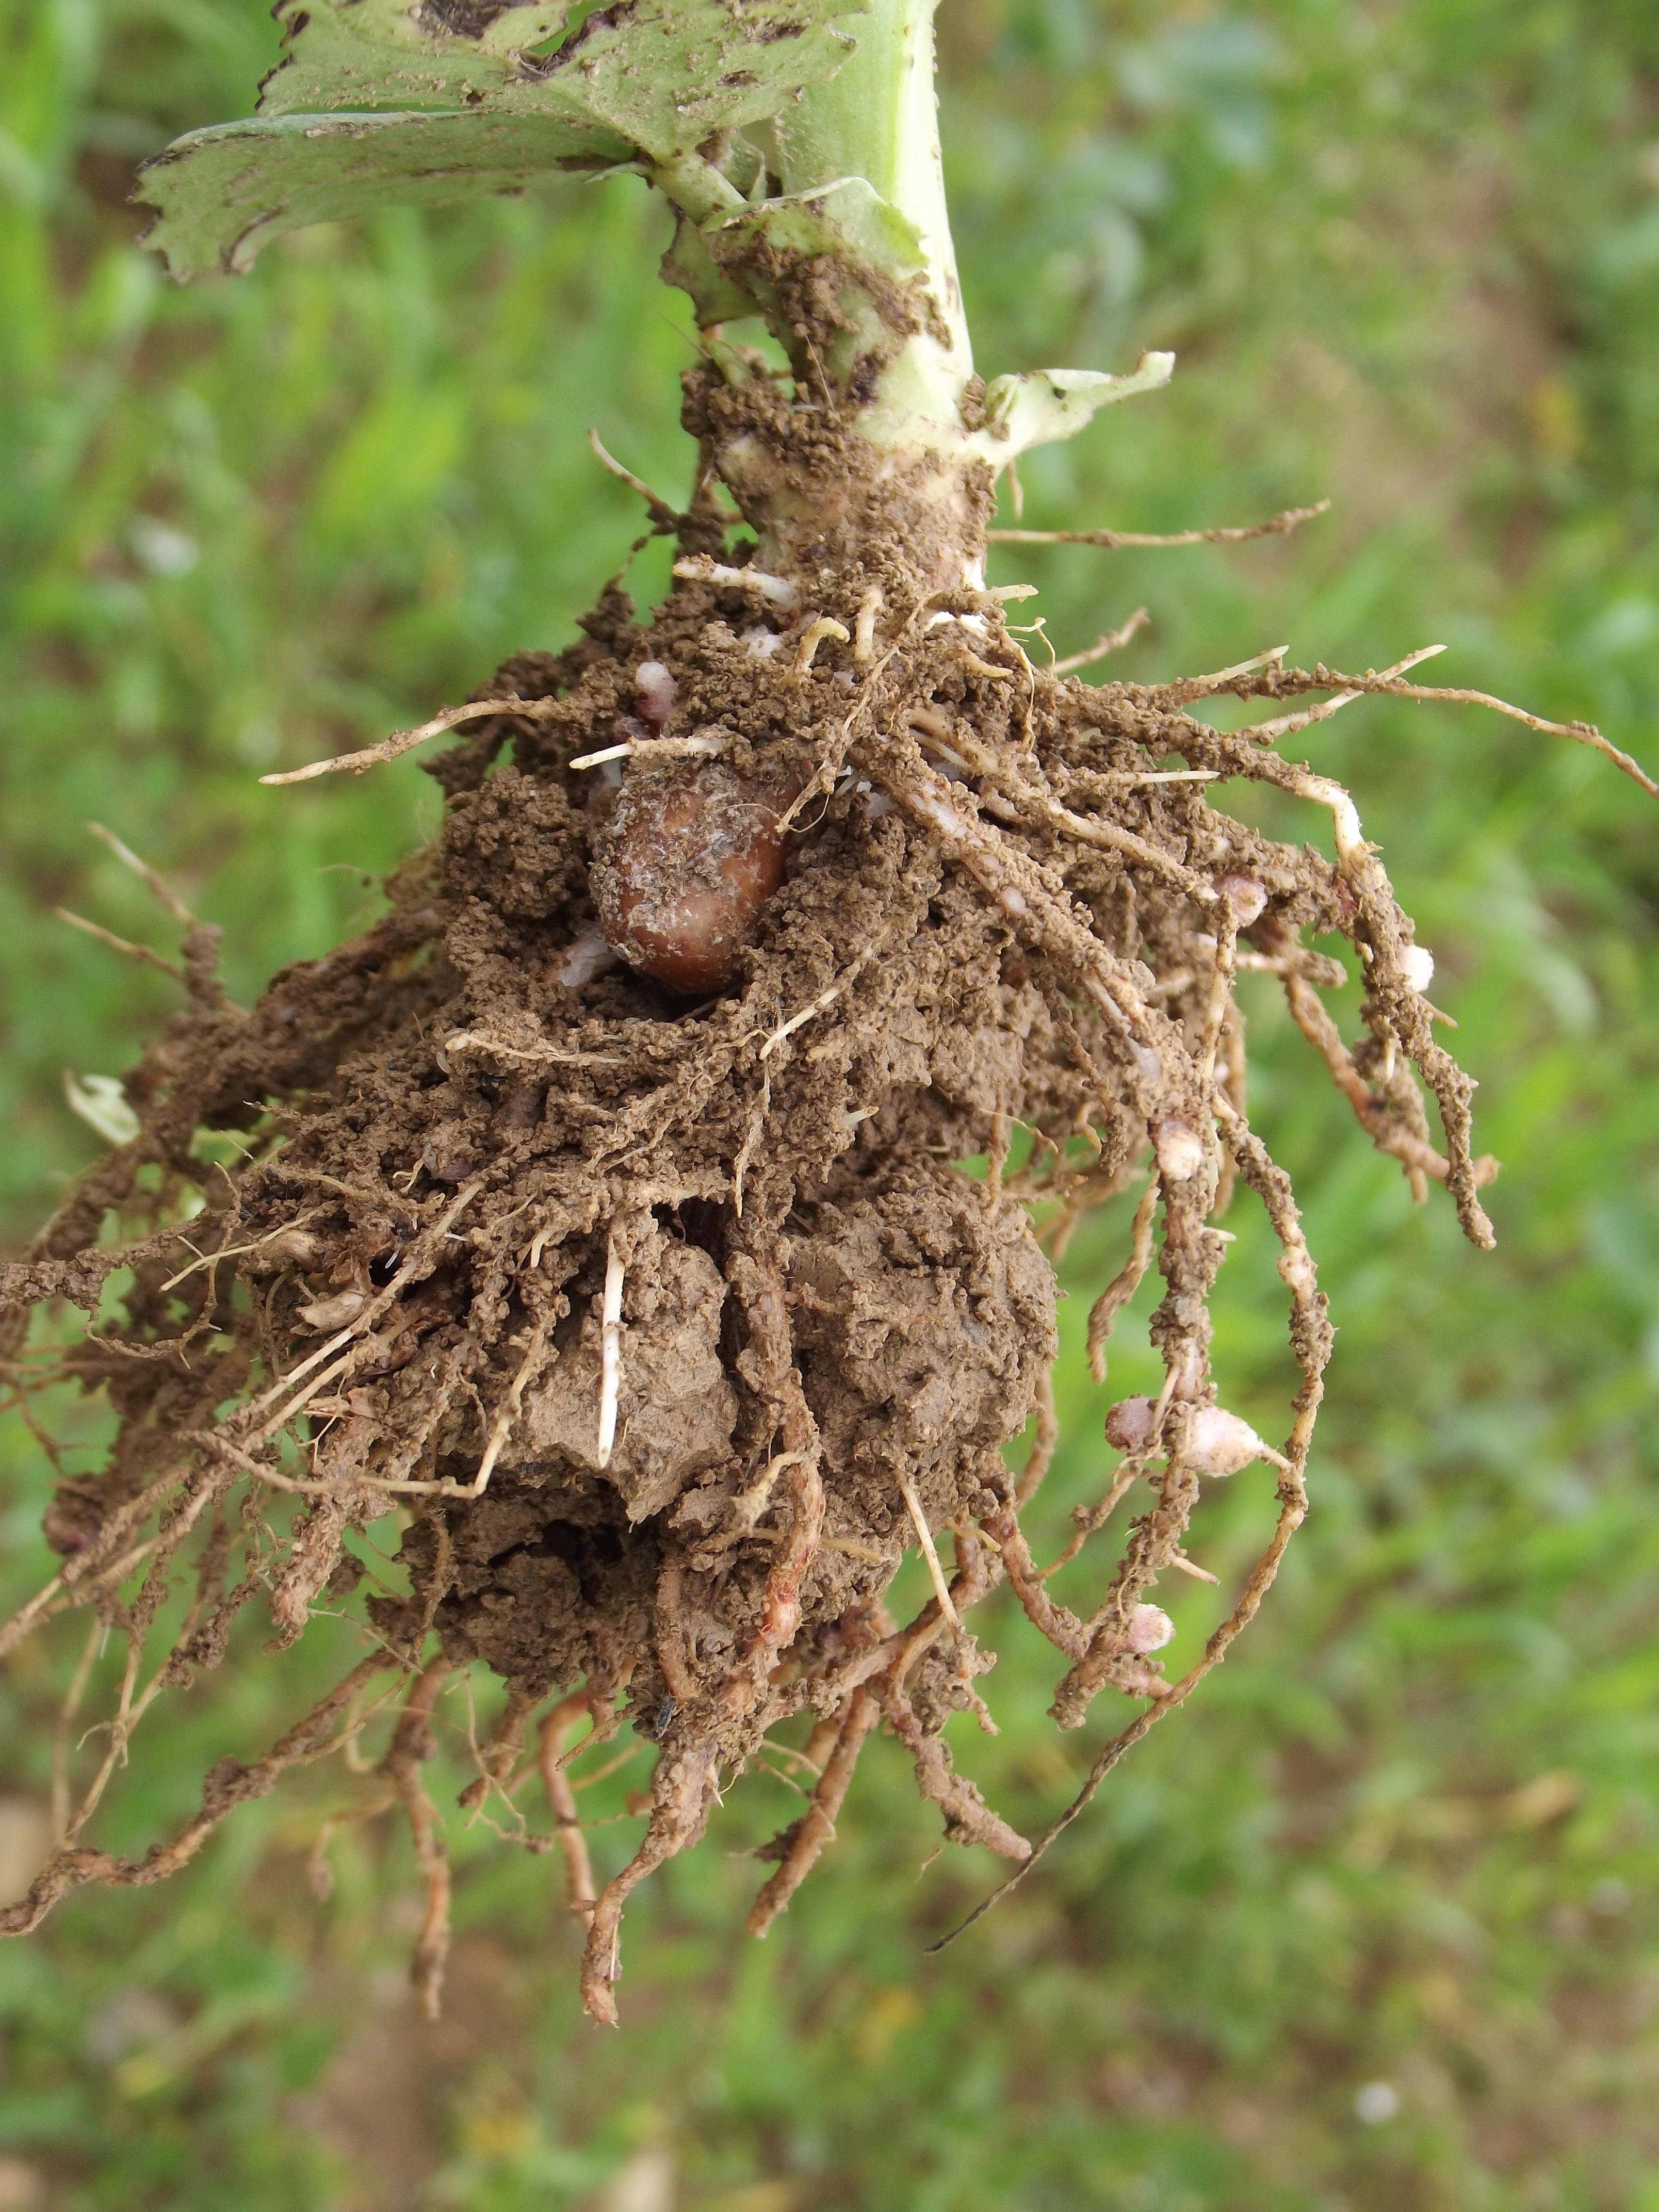 Wirkung verschiedener Verfahren der Schwefeldüngung auf Ertragsleistung und Vorfruchtwert von Körnerleguminosen im ökologischen Landbau